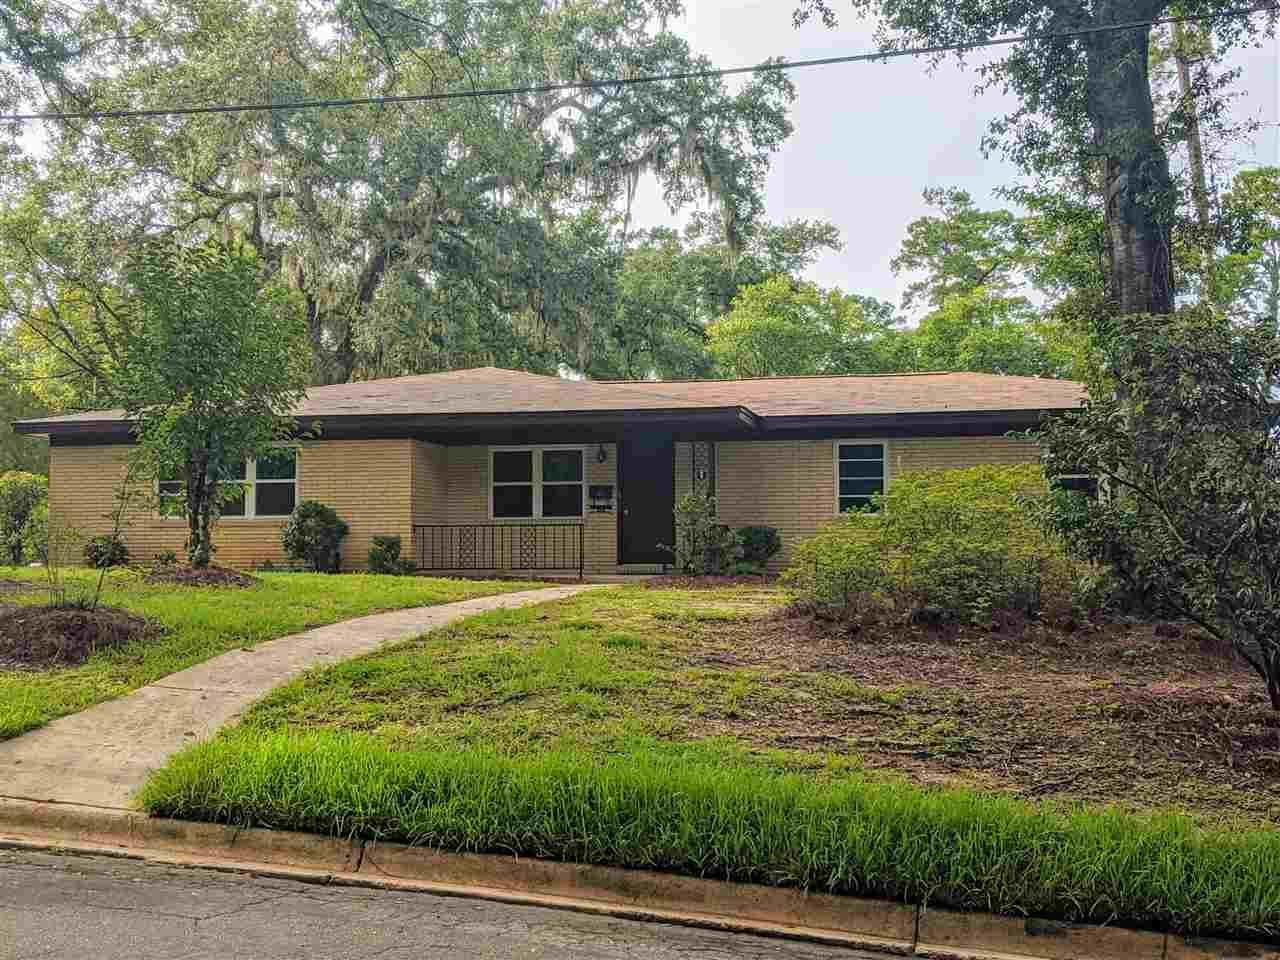 Photo of 1247 Clark Avenue, TALLAHASSEE, FL 32301 (MLS # 322687)